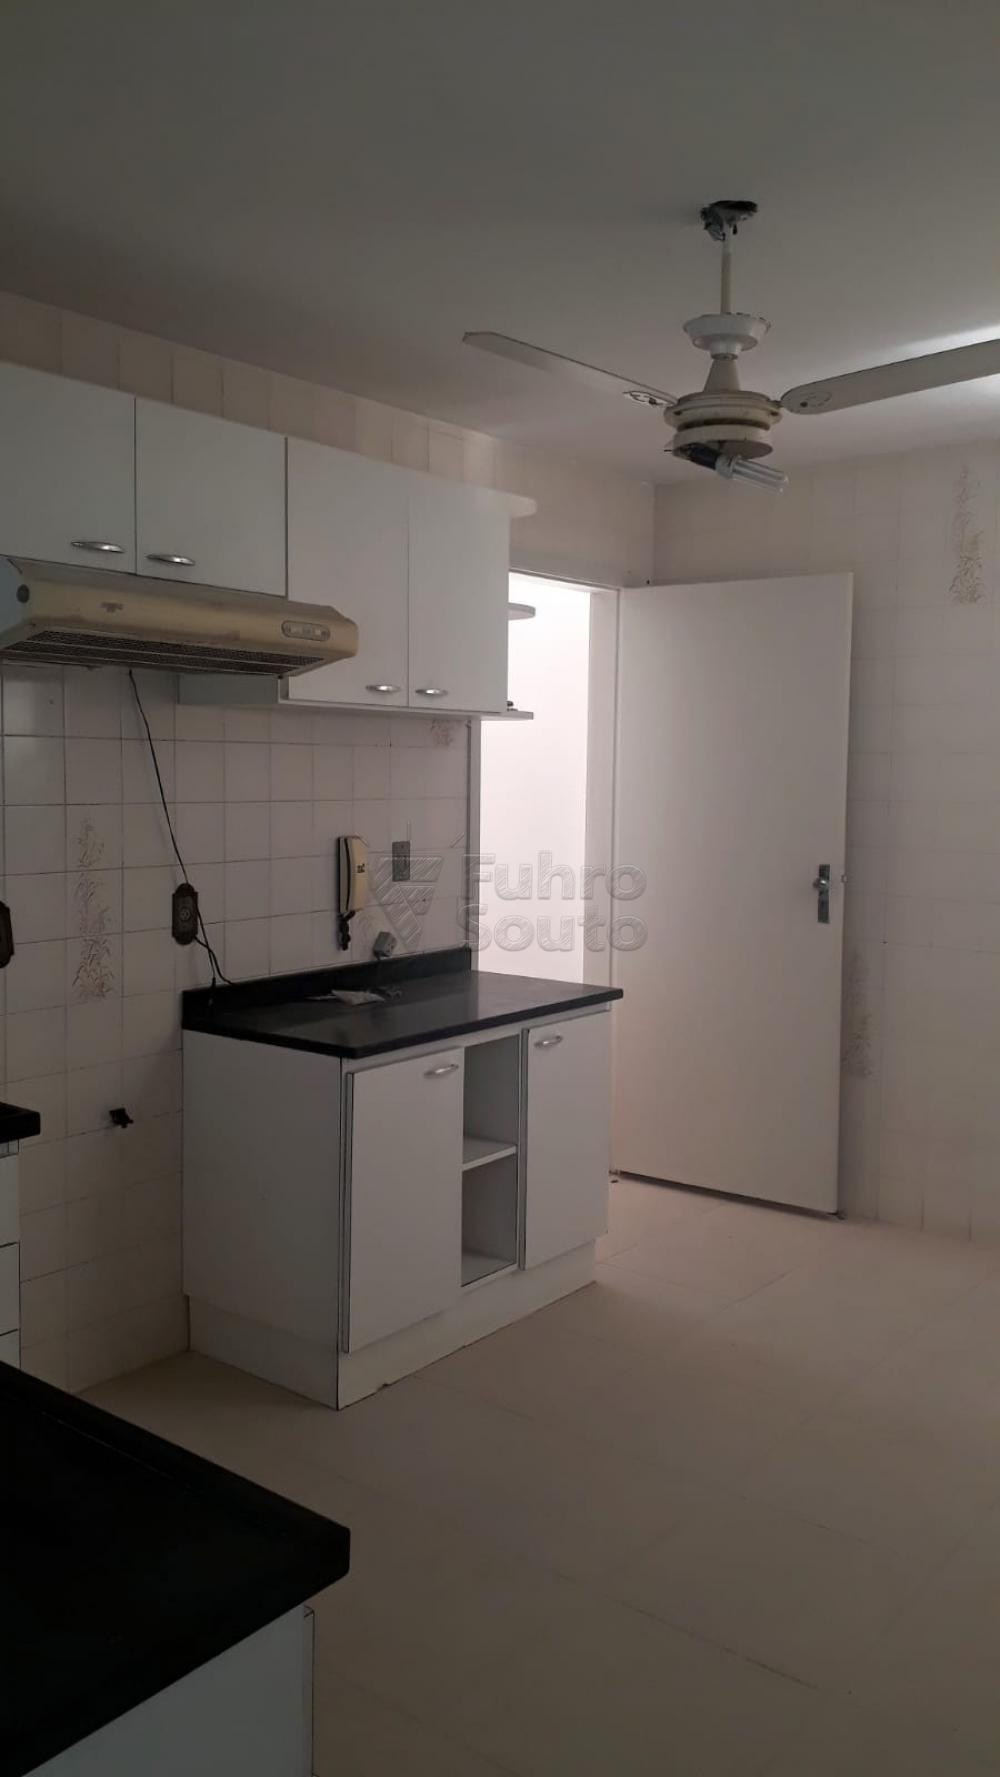 Comprar Apartamento / Padrão em Pelotas R$ 410.000,00 - Foto 14